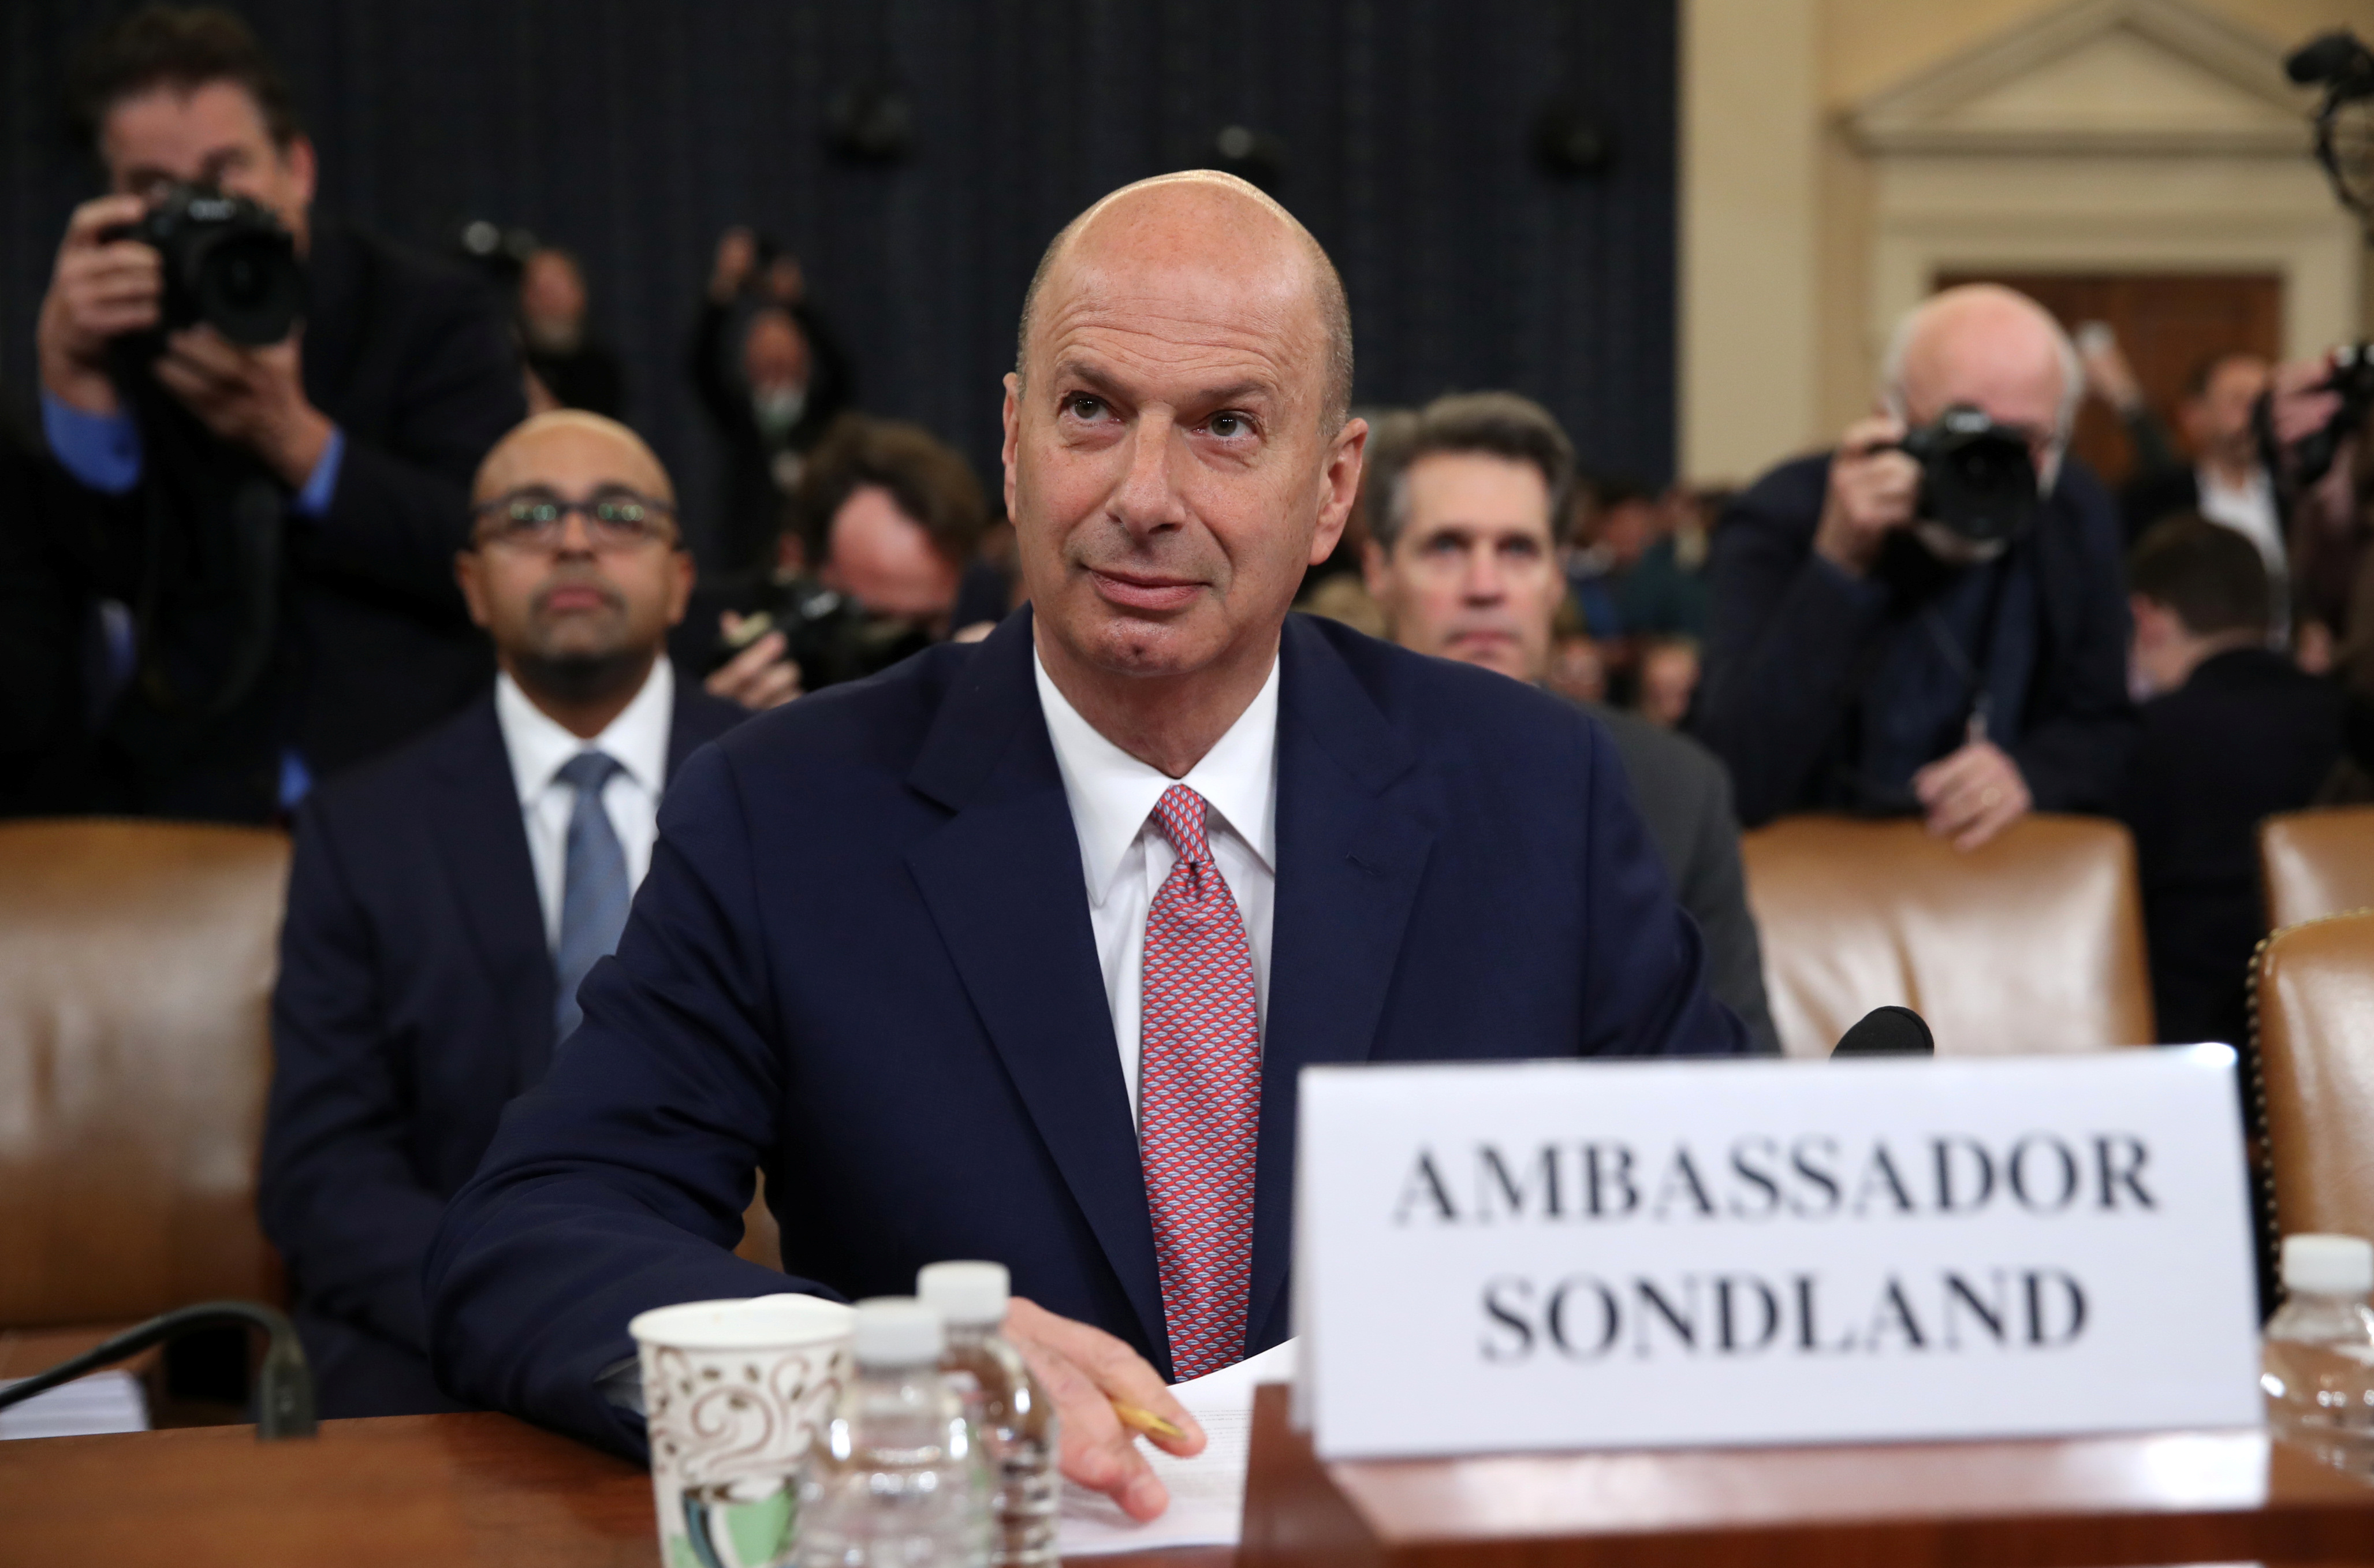 Sondland Testifies He Had Not Been Told Trump Linked Ukraine Aid to Biden Investigations